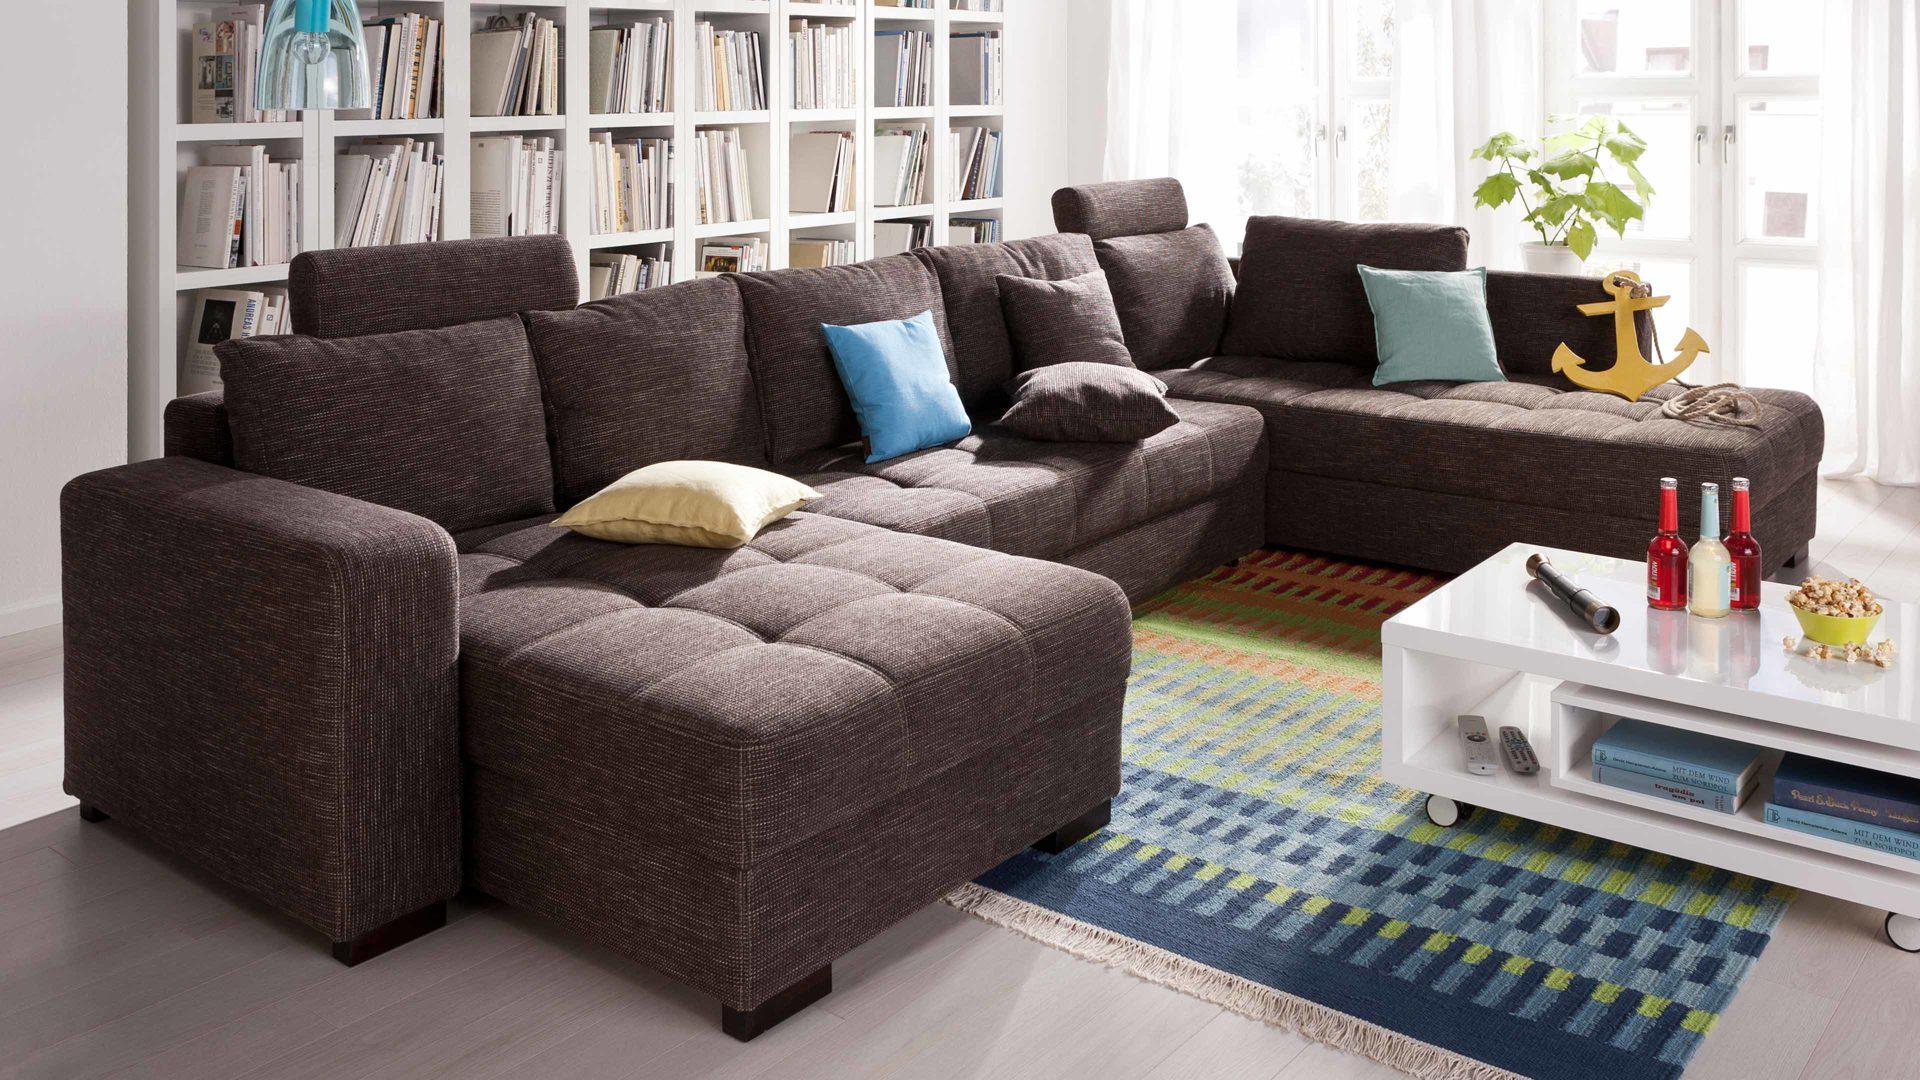 Eckcouch u form  Einrichtungspartner Ring | Räume | Wohnzimmer | Sofas + Couches ...